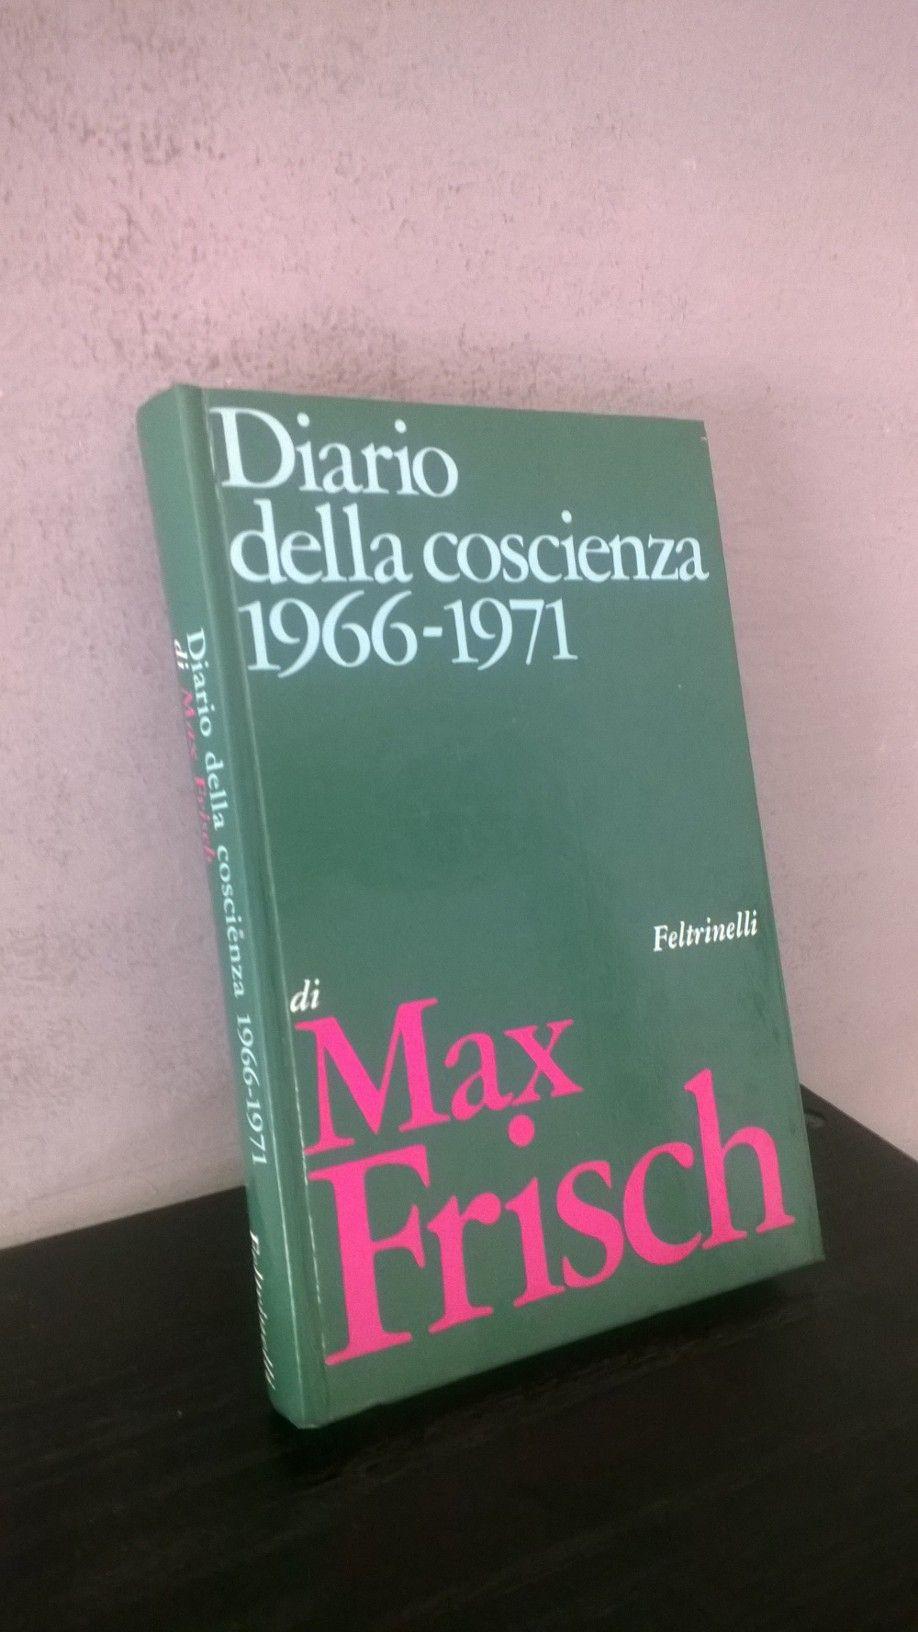 """""""Diario della coscienza 1966-1971"""" Max Frisch, prima e unica edizione Feltrinelli, 1974"""